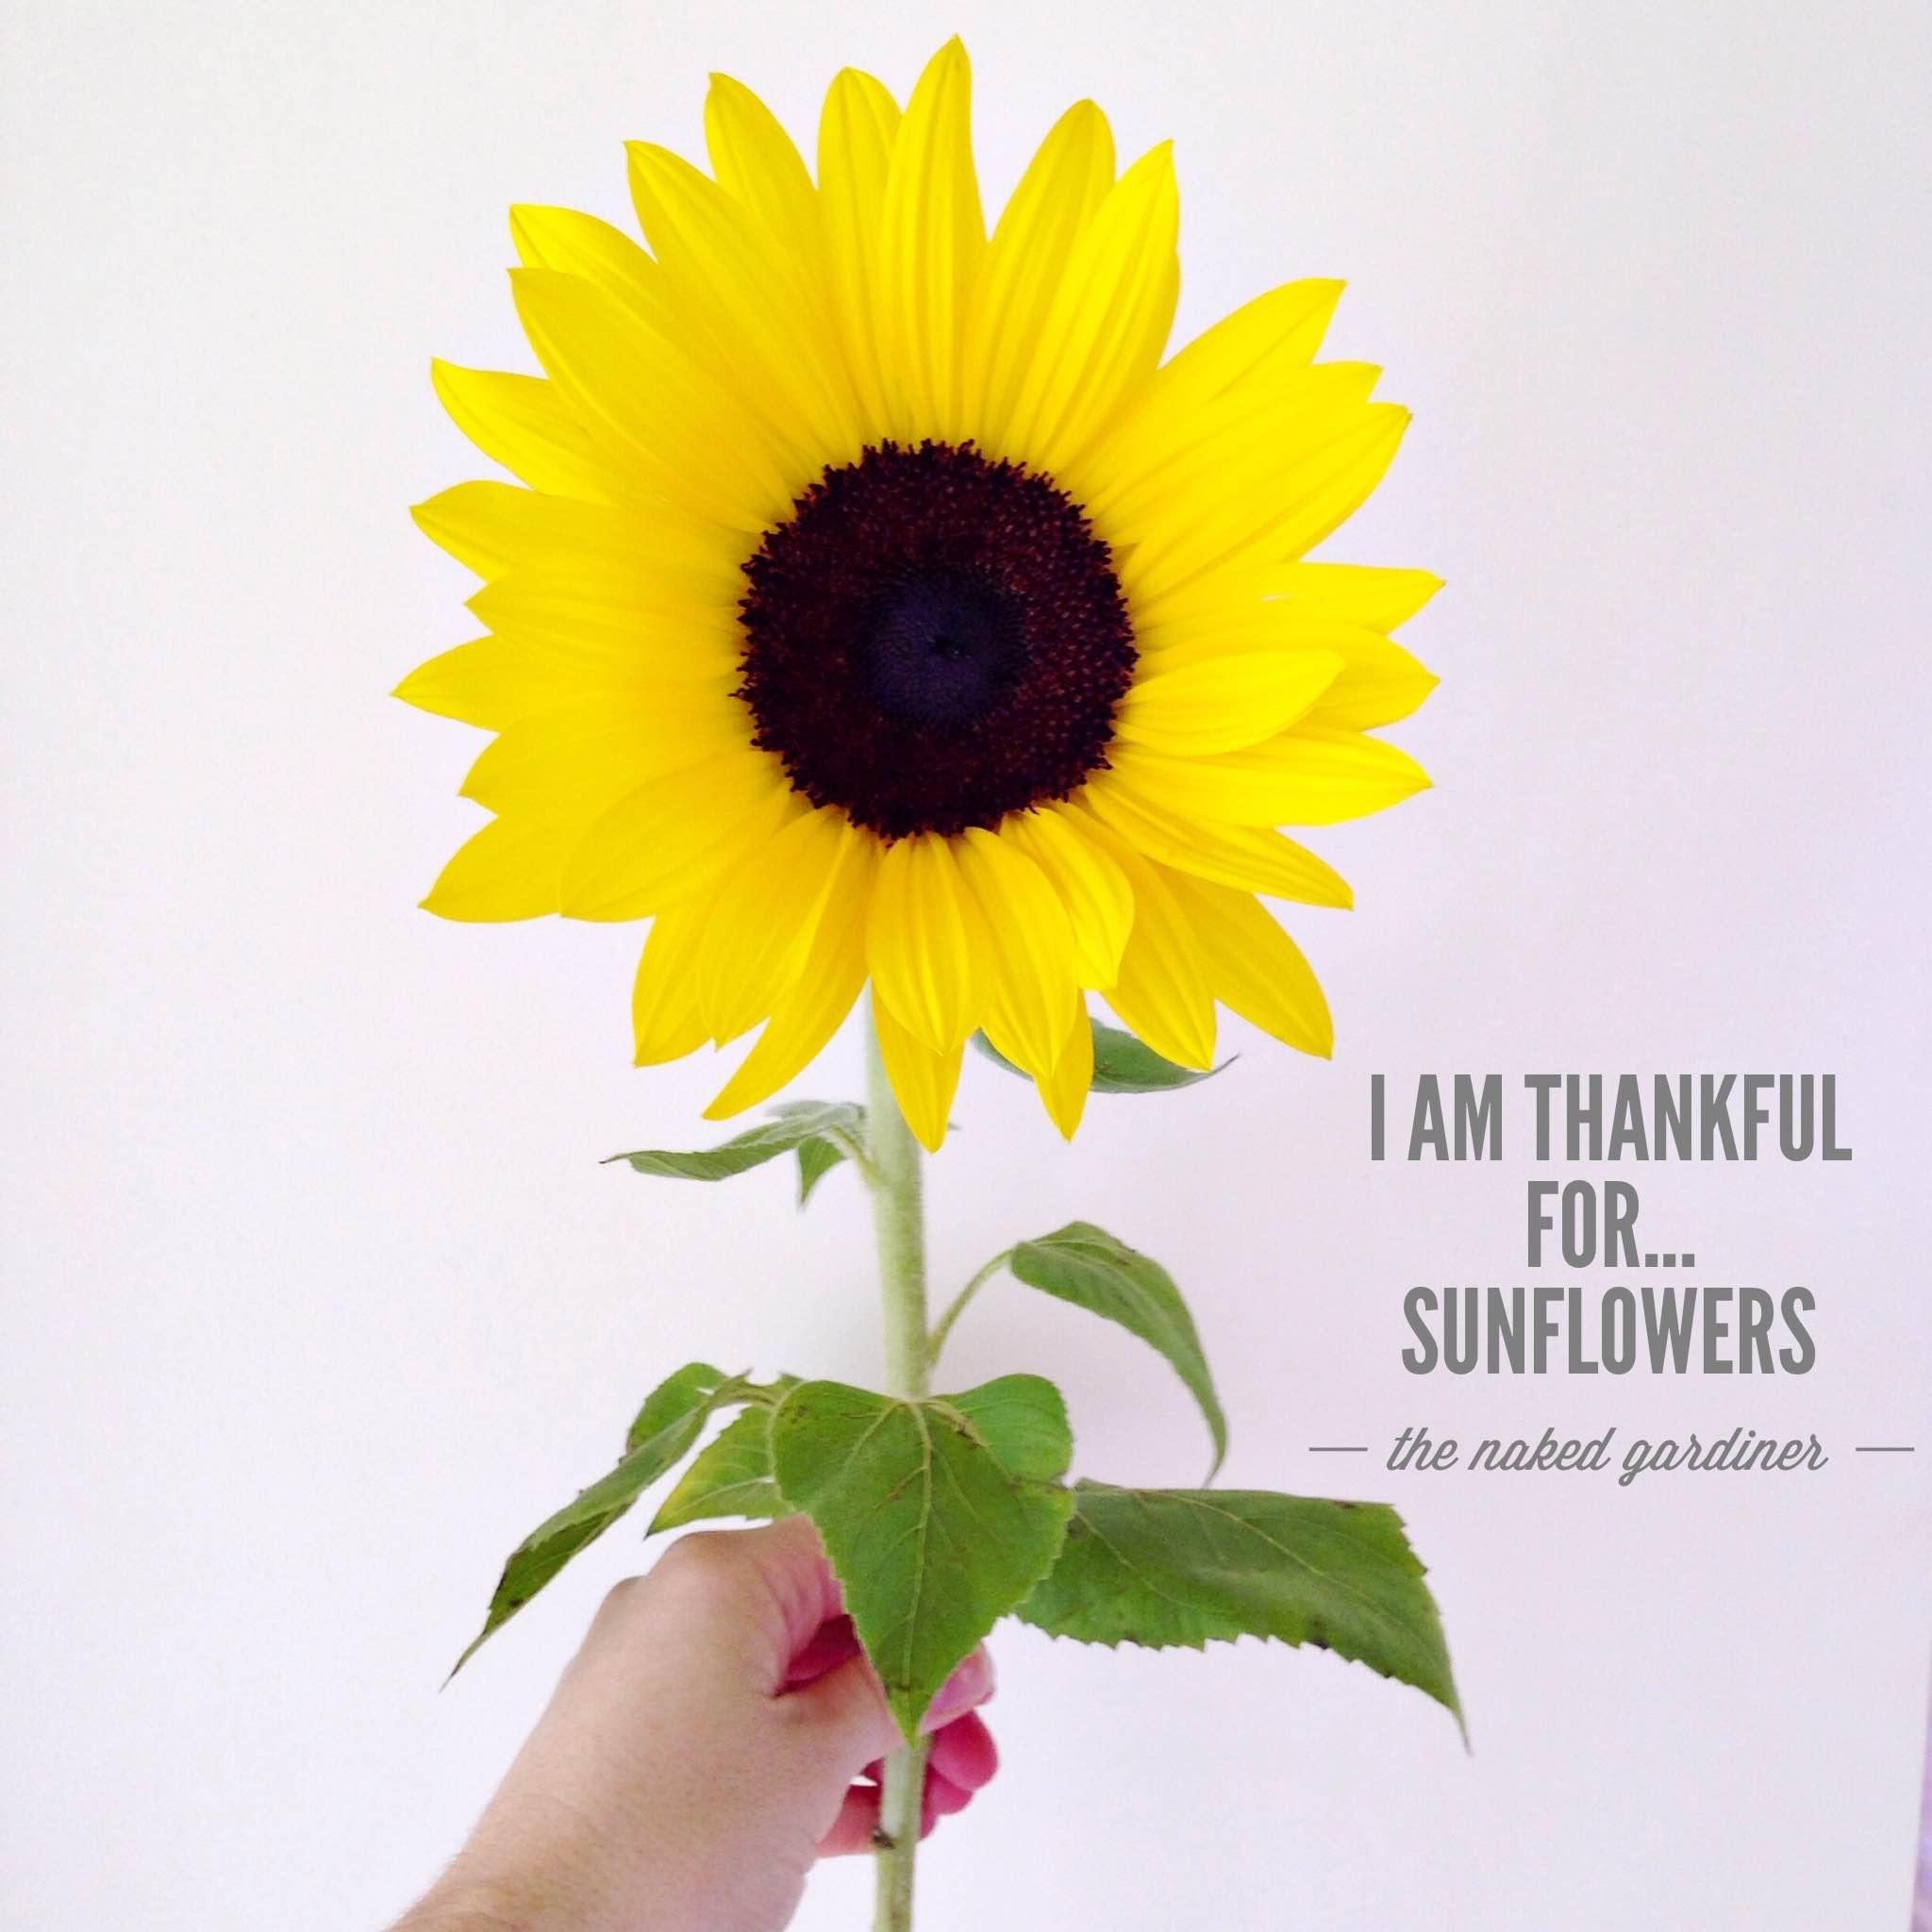 thankful-thursdays-sunflowers-thenakedgardiner